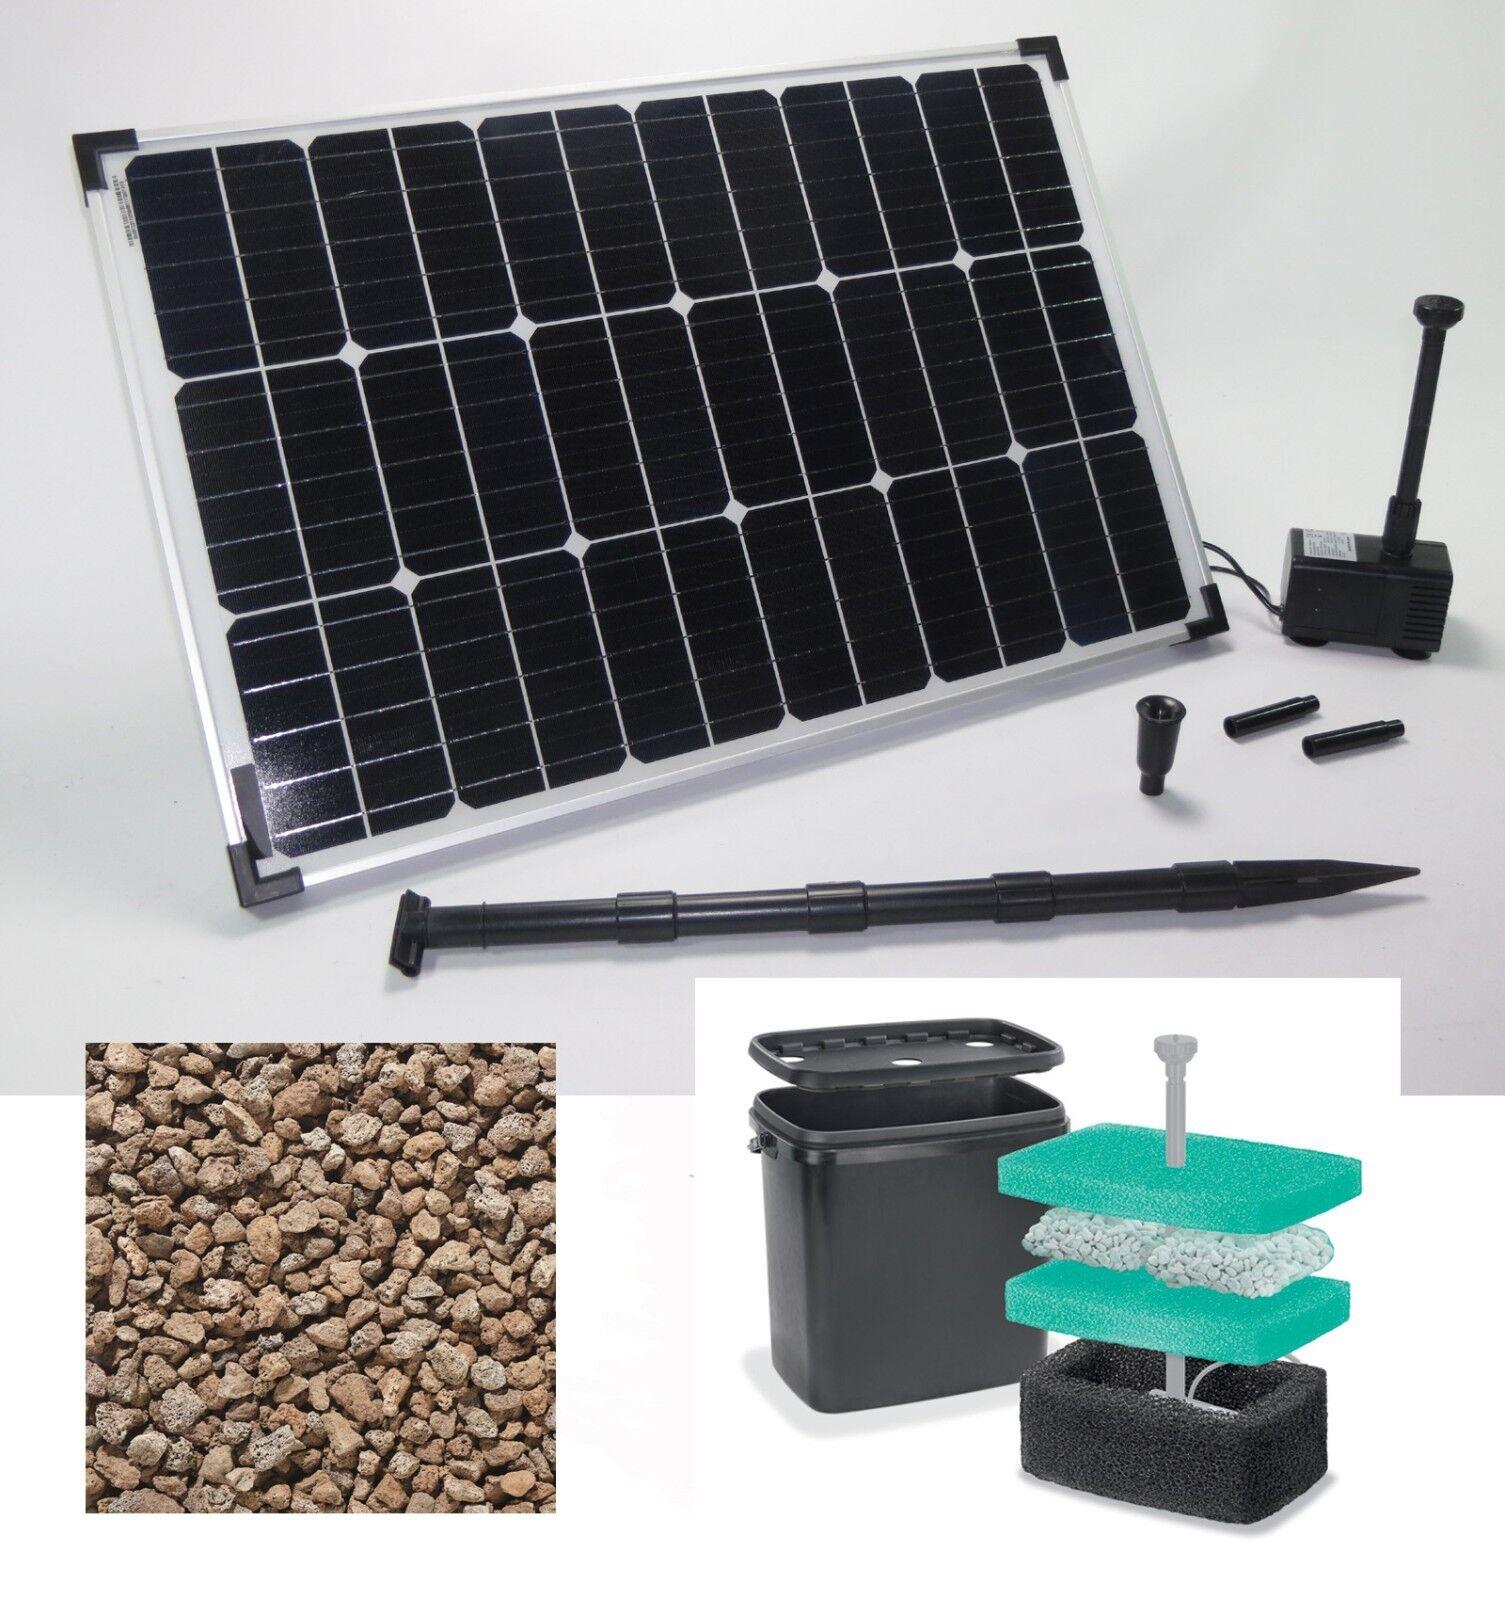 60 W bomba solar bomba estanque de jardín bomba estanque solar Bach corre bomba pumpenset filtro